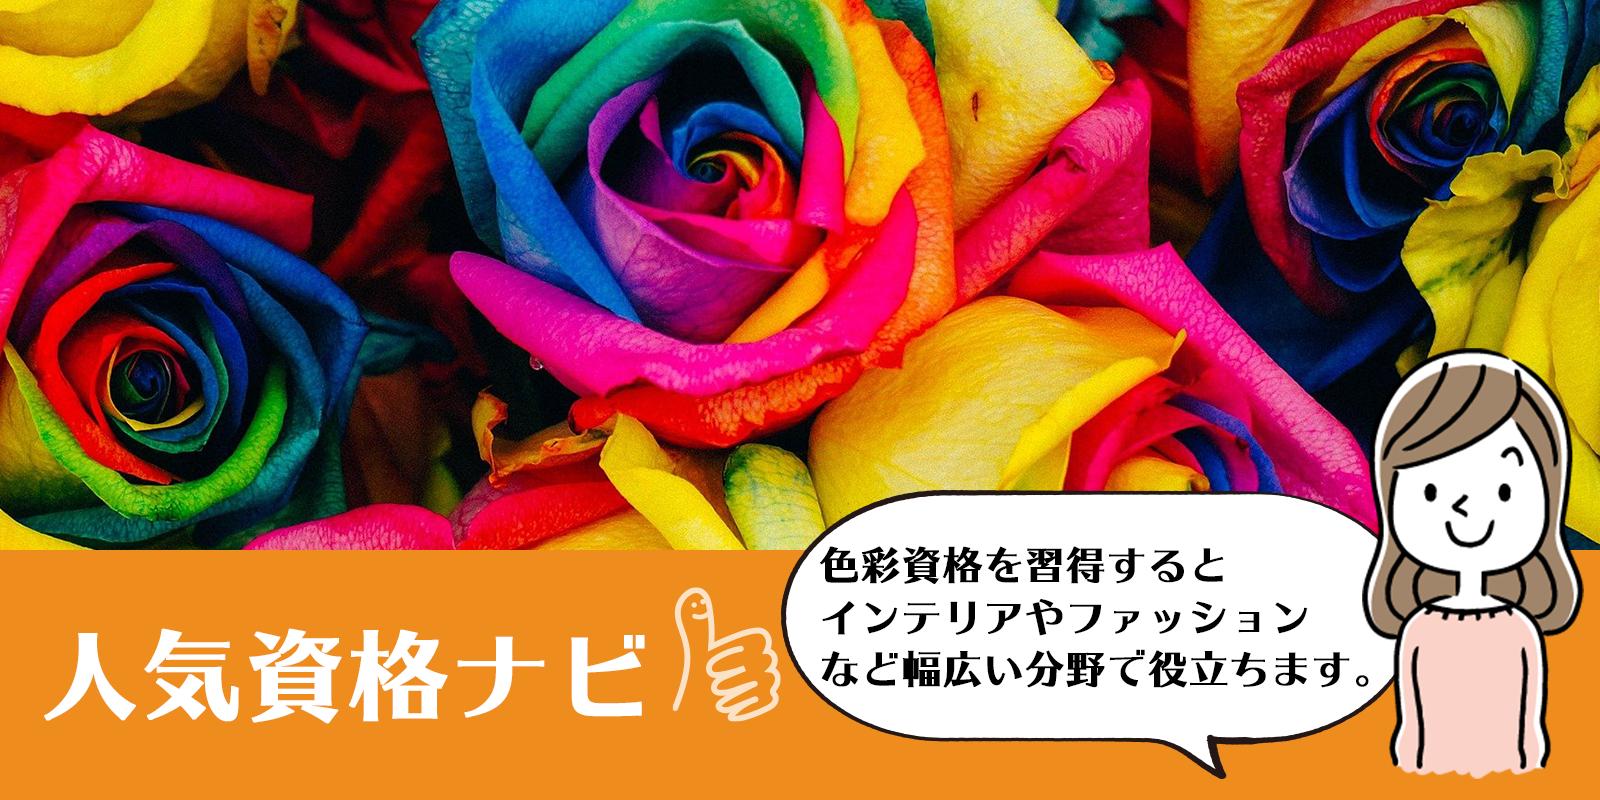 色彩資格のアイキャッチ画像